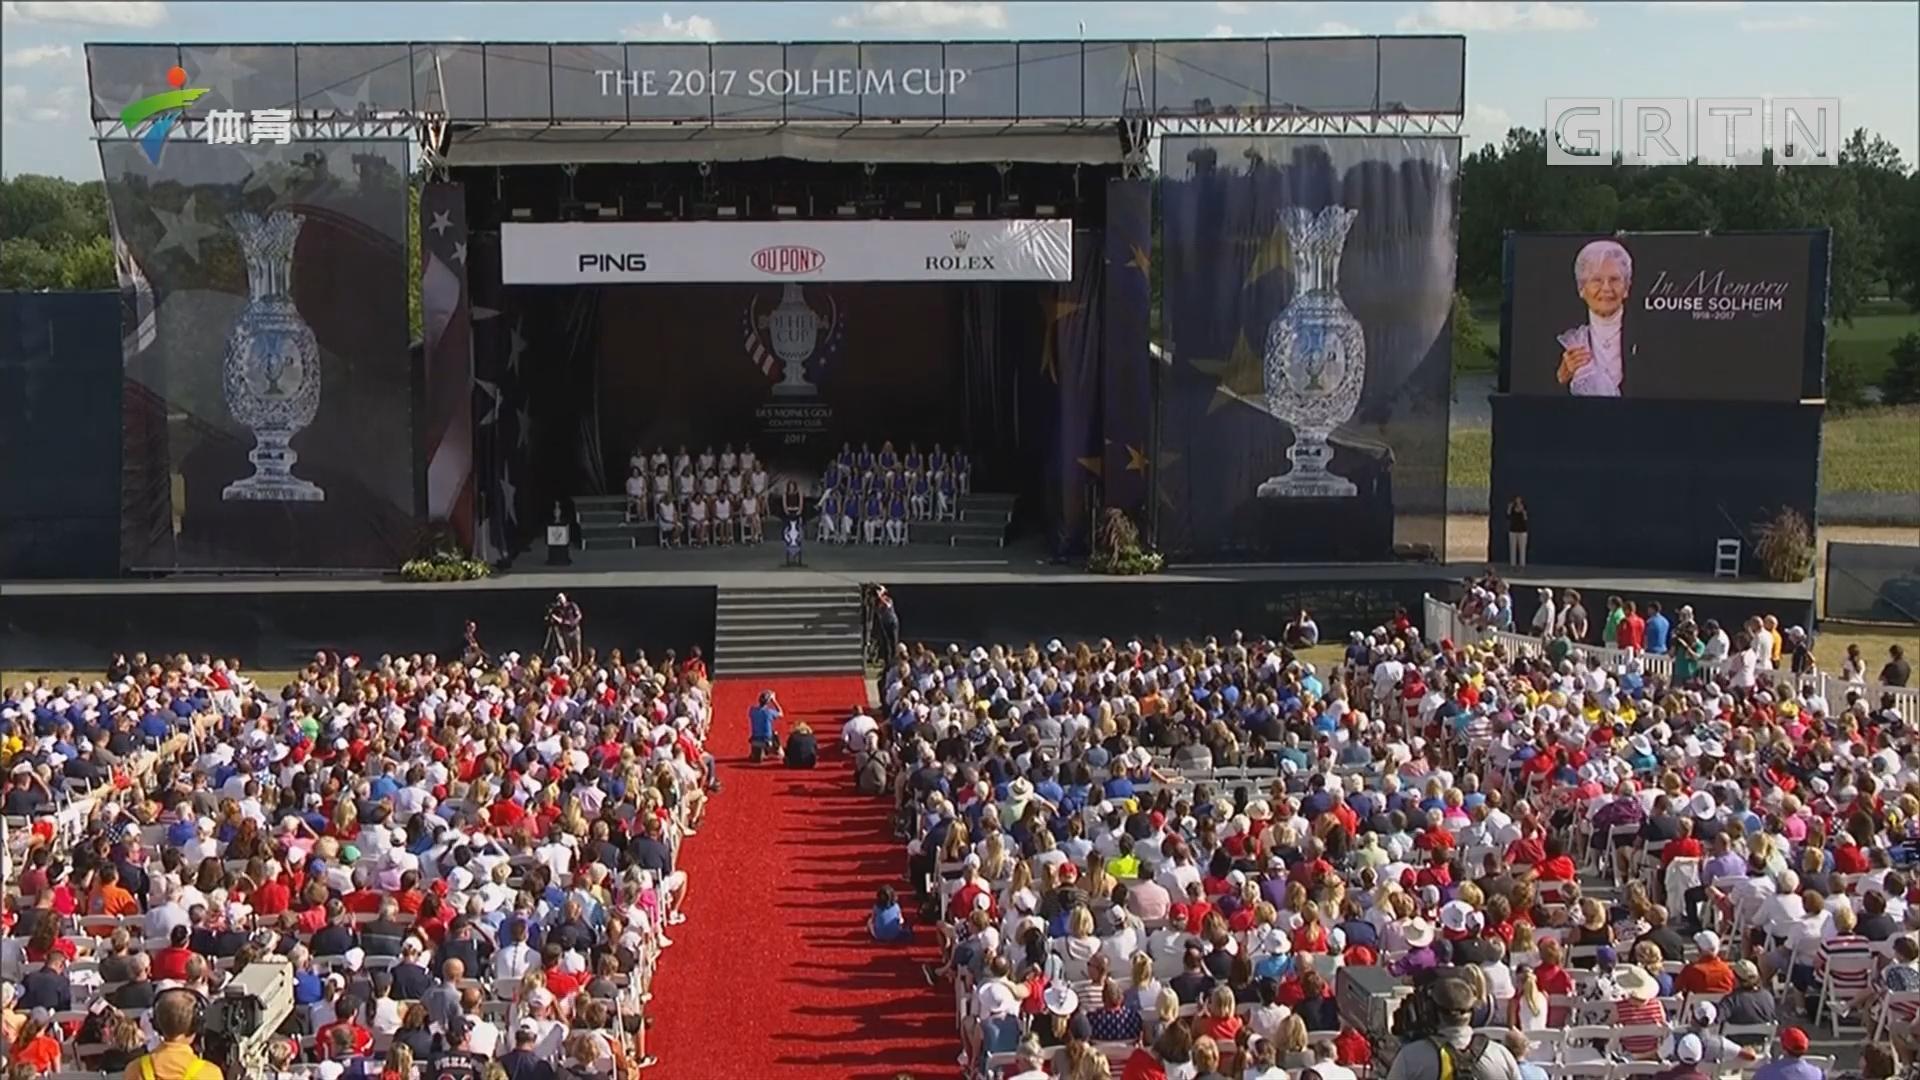 索尔海姆杯高尔夫球赛正式开幕